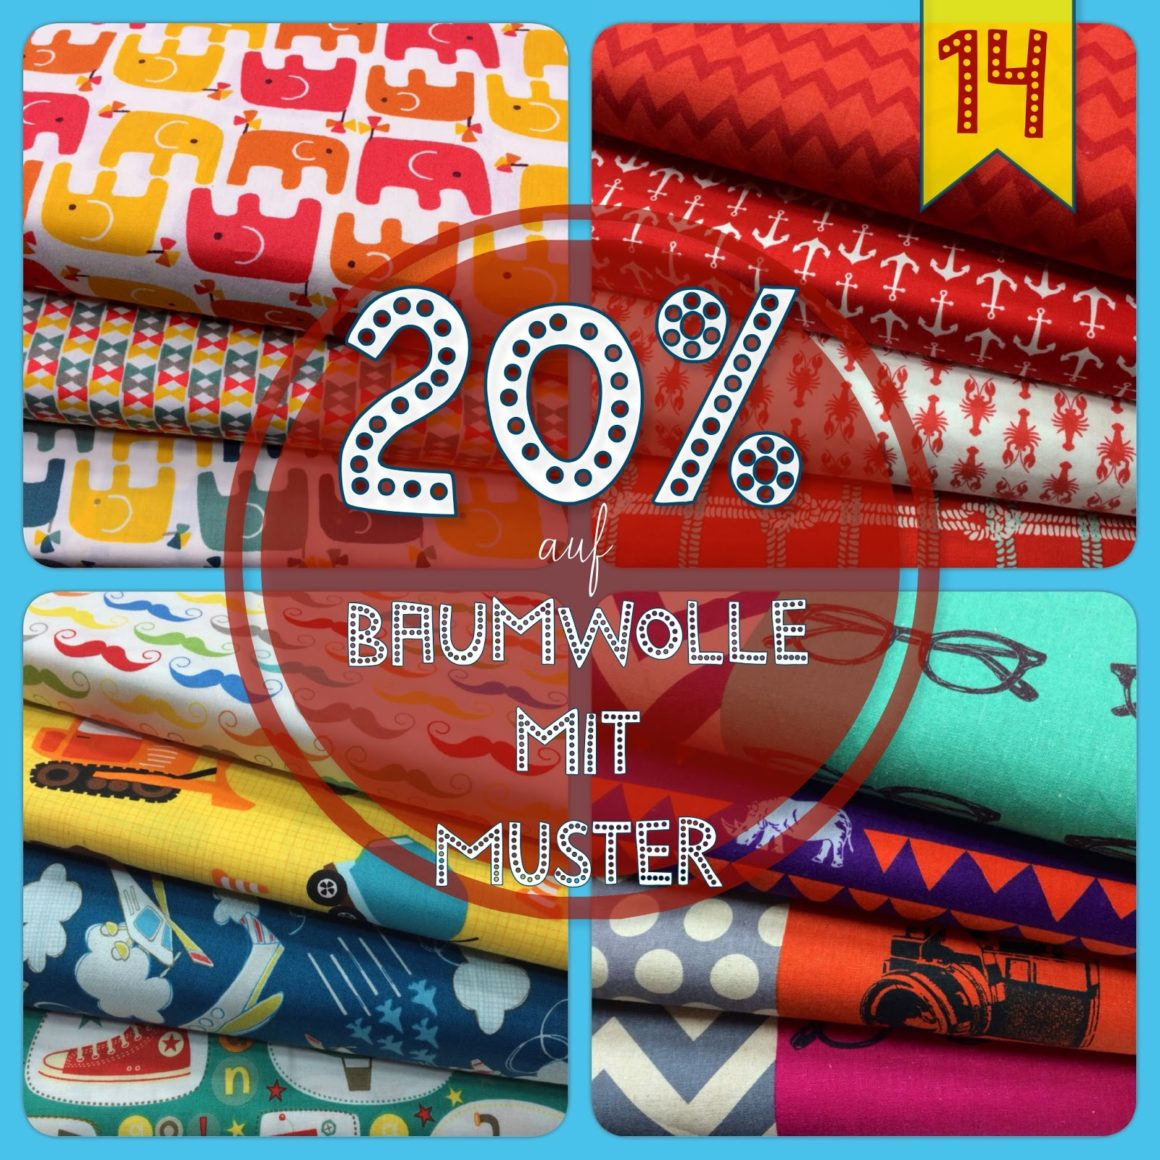 Türchen N°14 im Adventsmirakel: 20% Rabatt auf gemusterte Baumwollstoffe!